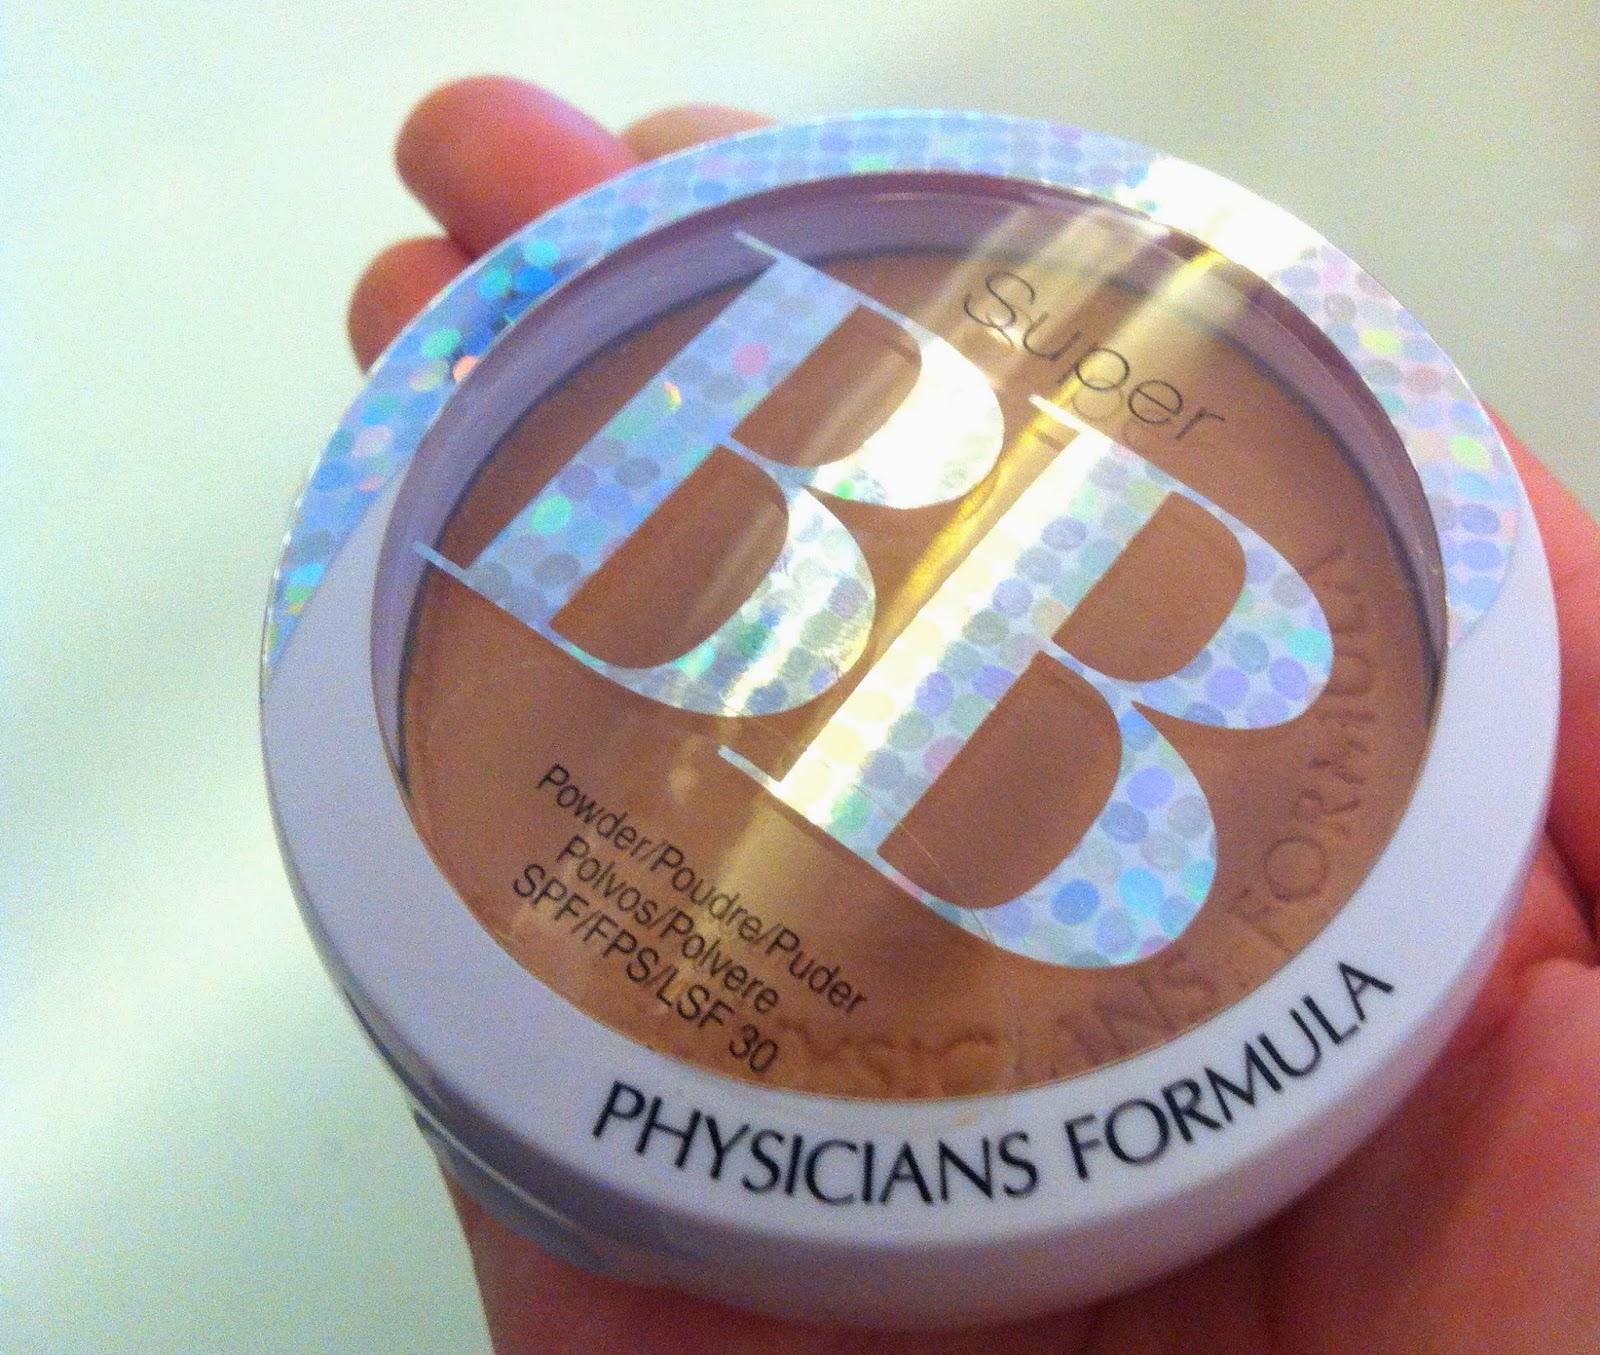 physicians formula italia, physician formula italia, physicians formula coin, physicians formula oviesse, physicians formula upim, physicians formula opinioni, physicians formula bb cream